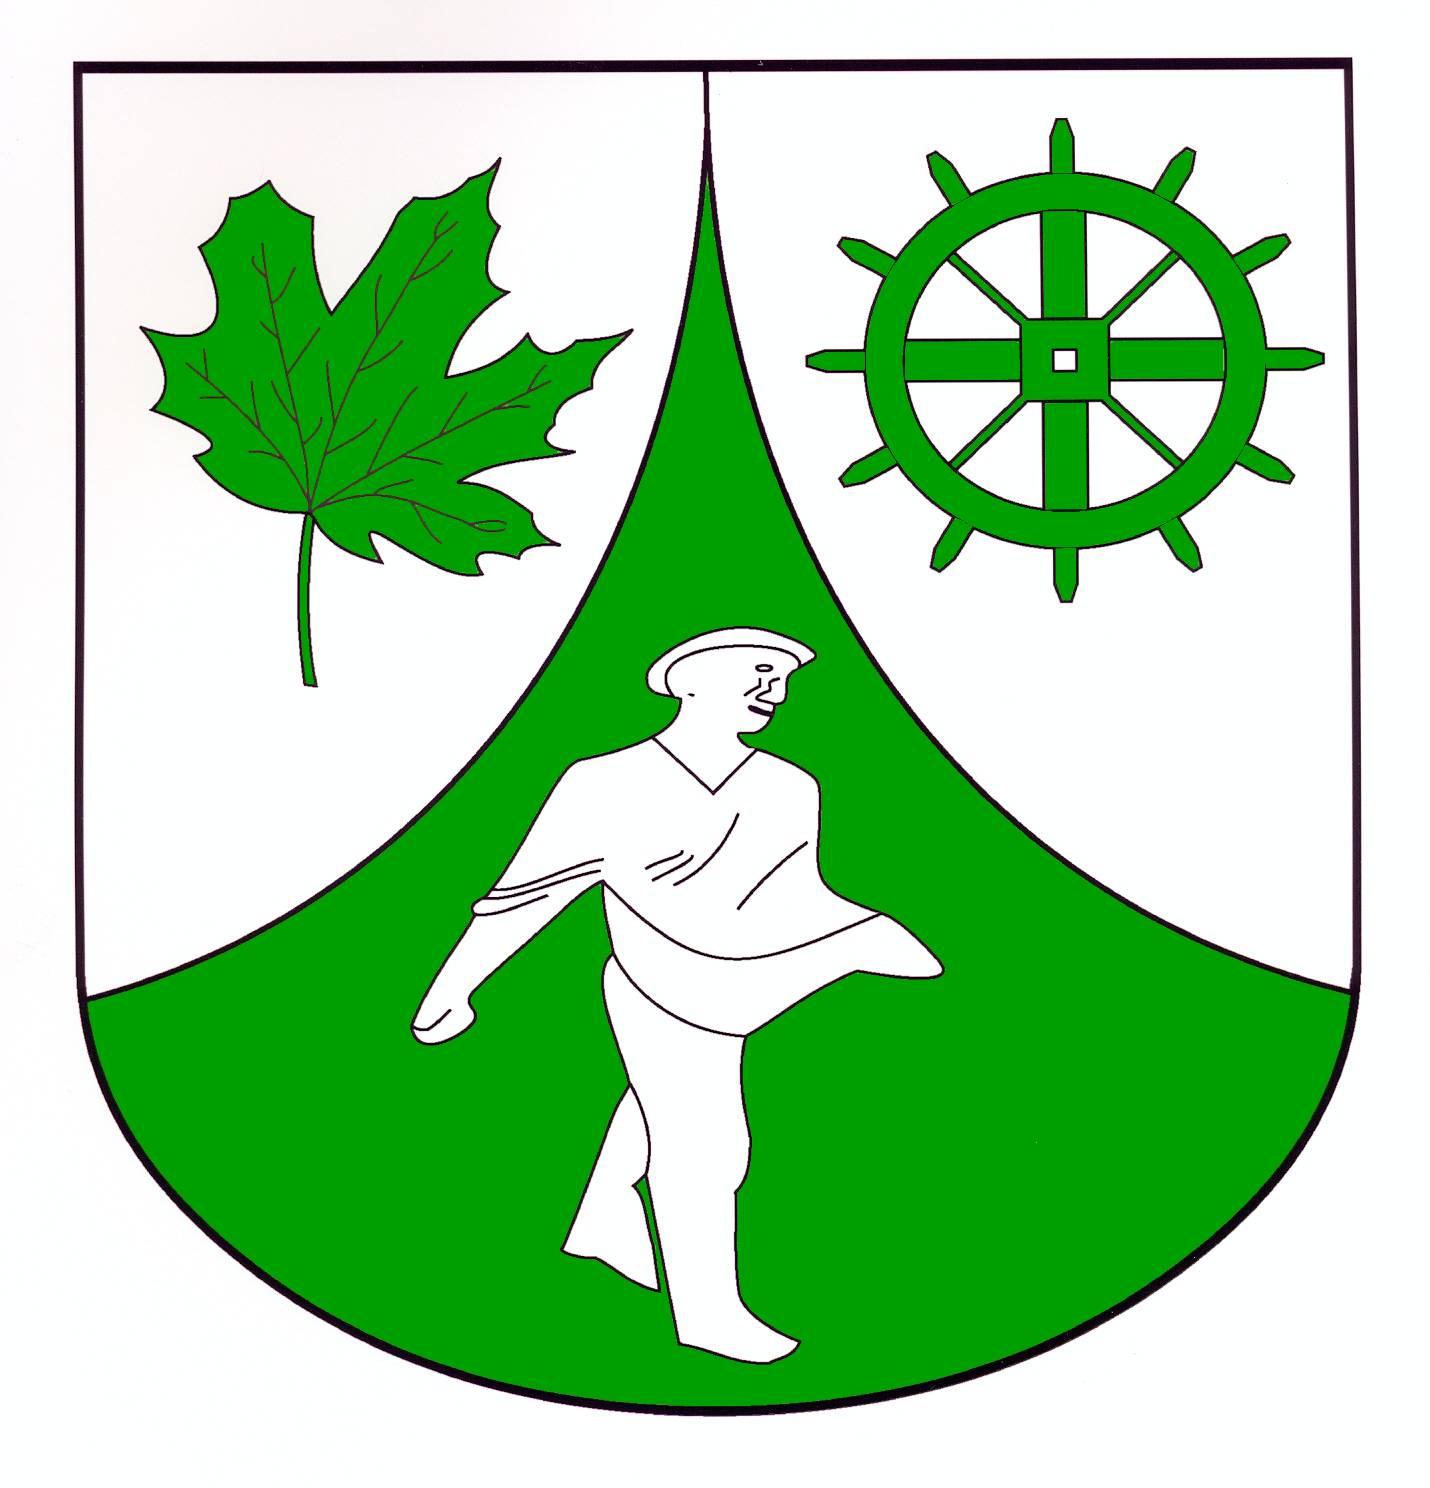 Wappen GemeindeGöldenitz, Kreis Herzogtum Lauenburg